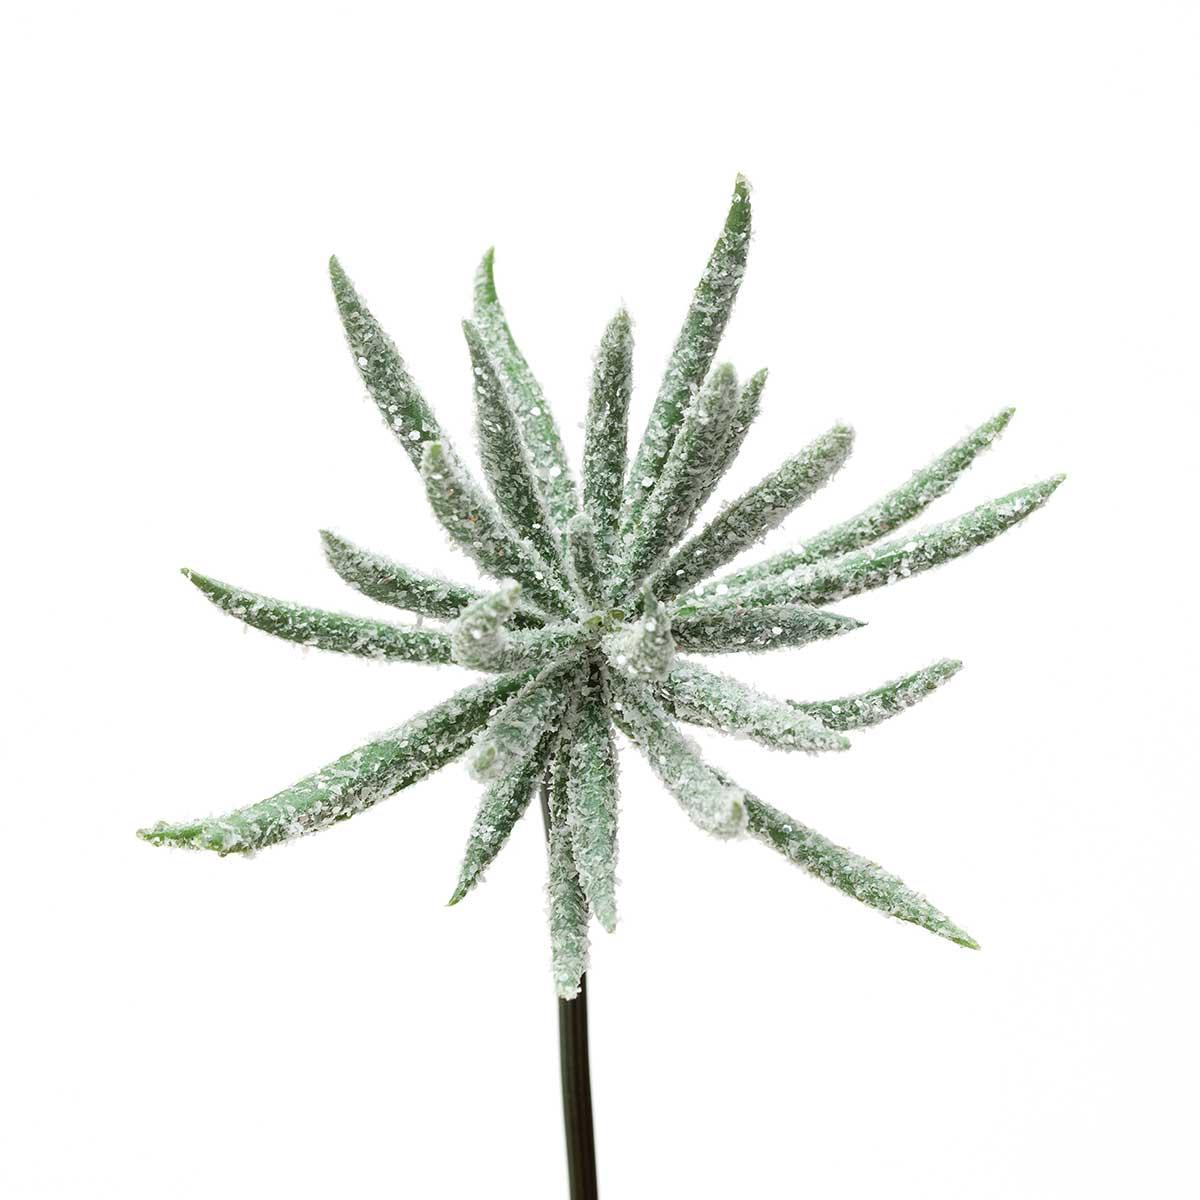 ICED GREEN SPARKLE